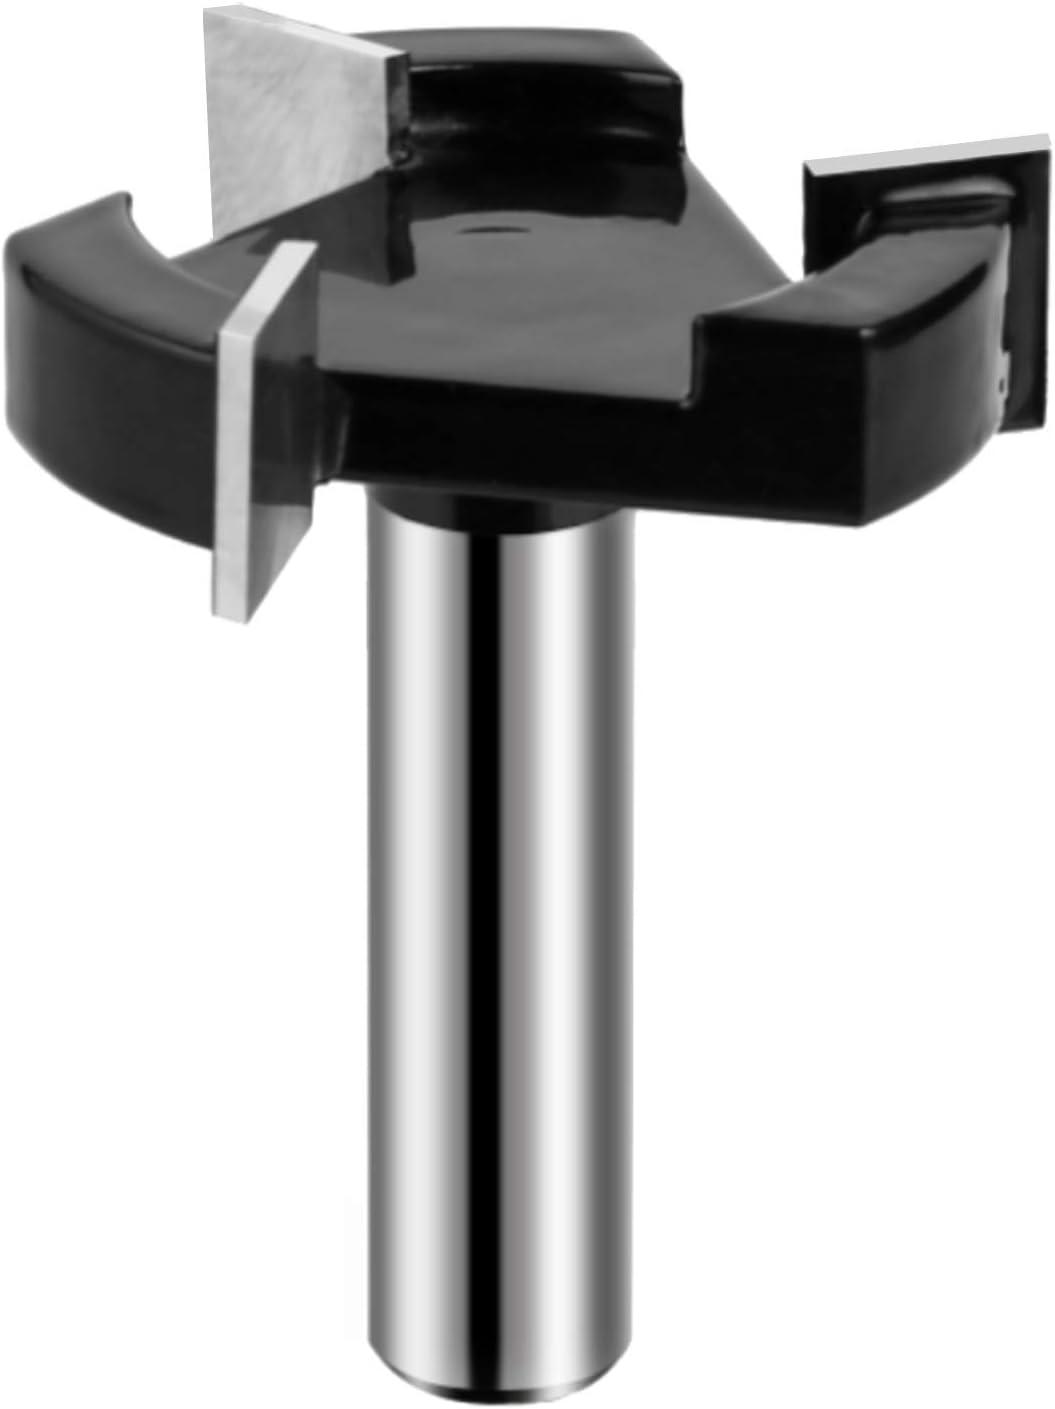 WSOOX 1//2 Schaft 3 Fl/öte Pr/ämie CNC Spoilboard Oberfl/äche Oberfr/äser Fr/äser Flachfr/äser Fr/äser Hobelwerkzeug